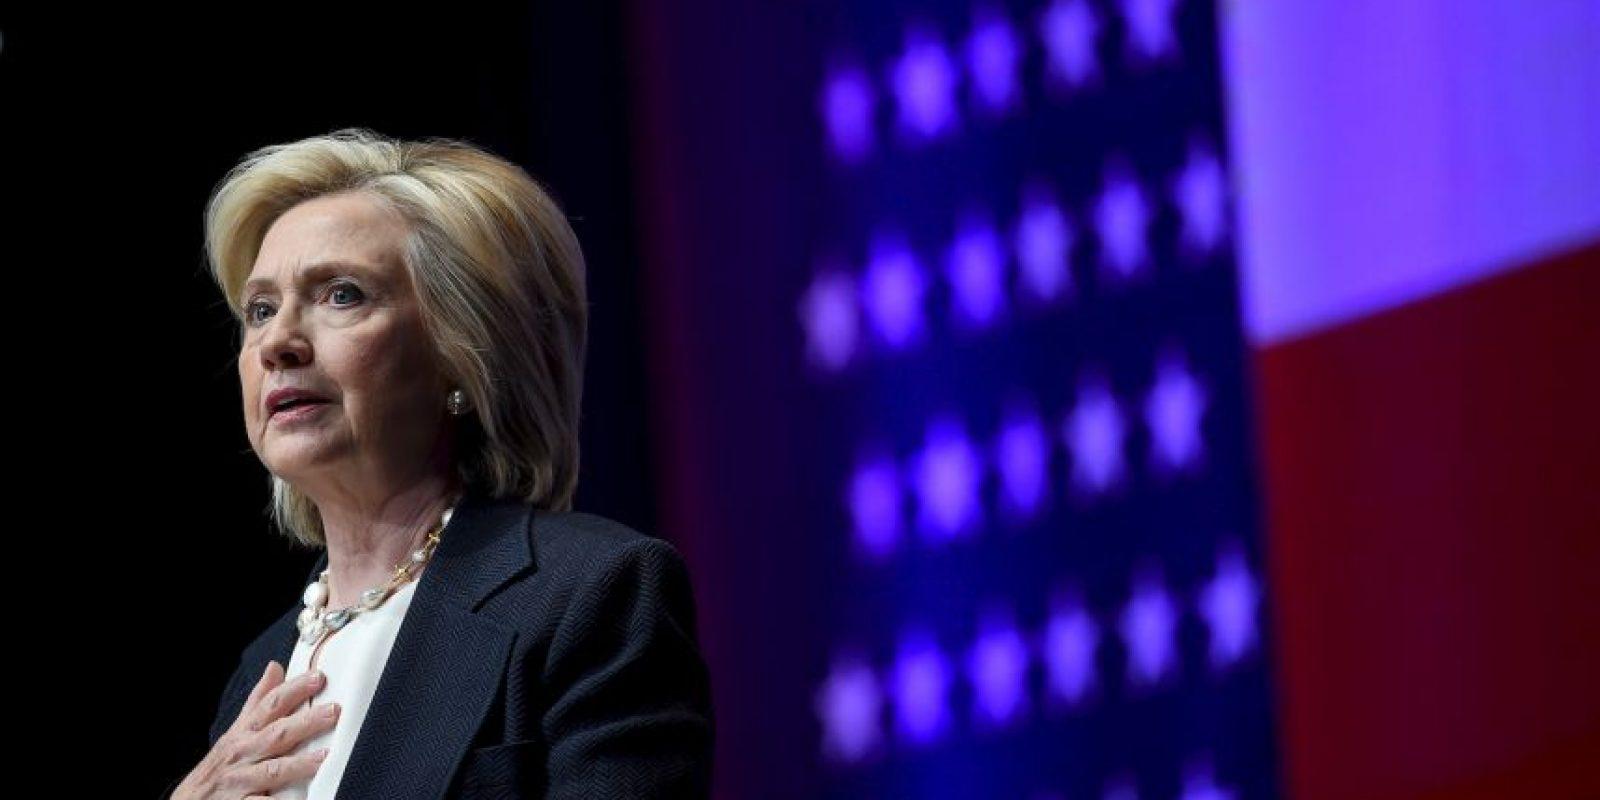 En octubre Clinton tendrá que hacer una declaración ante un comité del Congreso sobre la situación. Foto:Getty Images